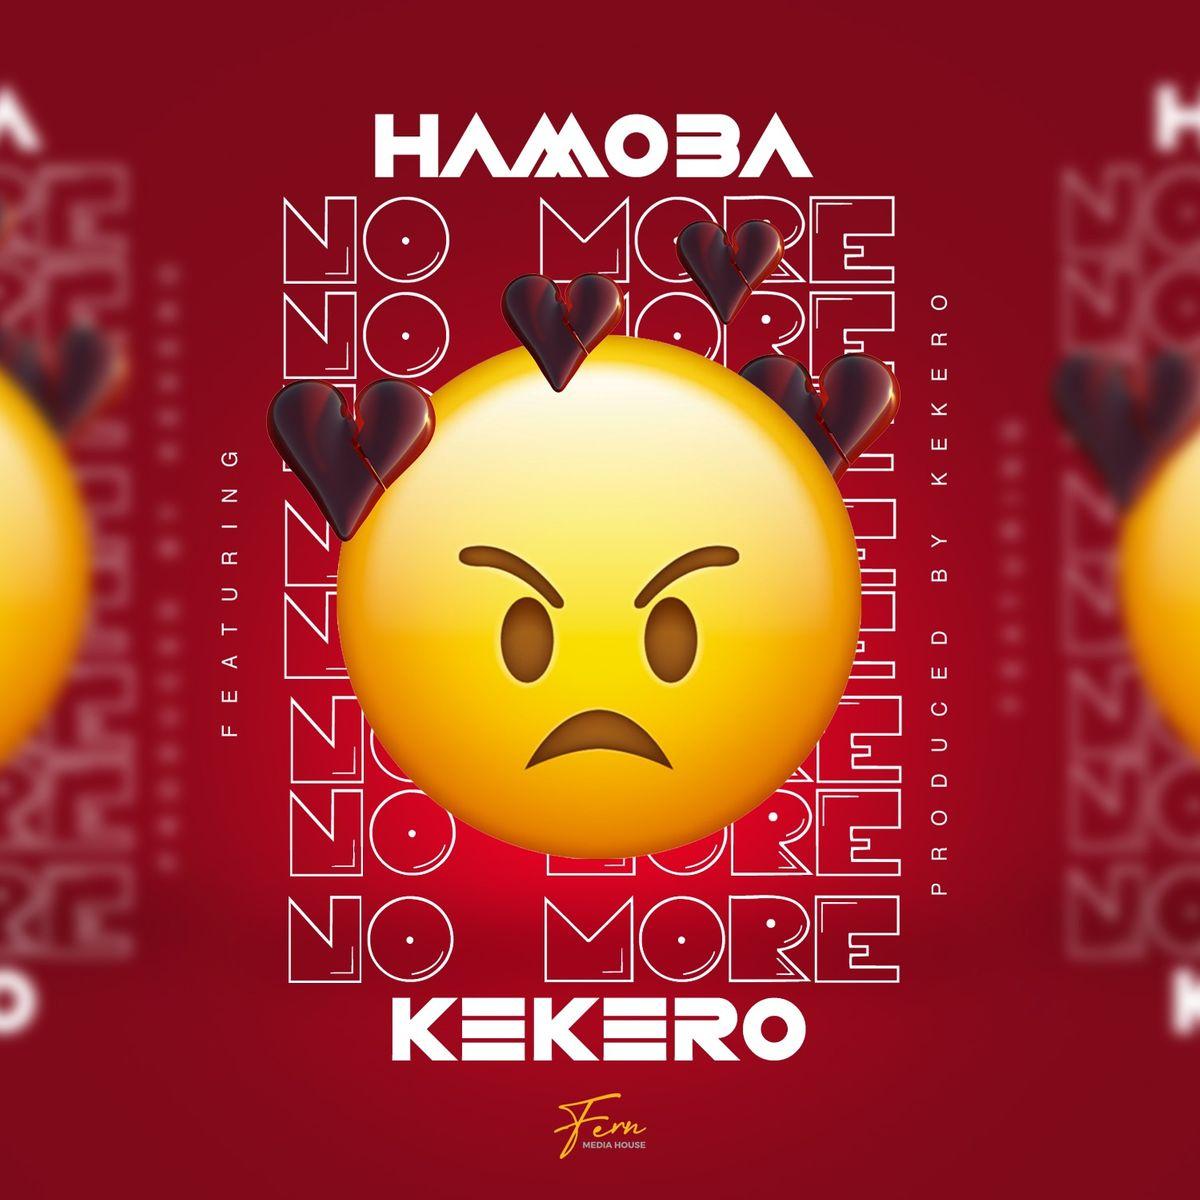 Hamoba X Kekero - No More